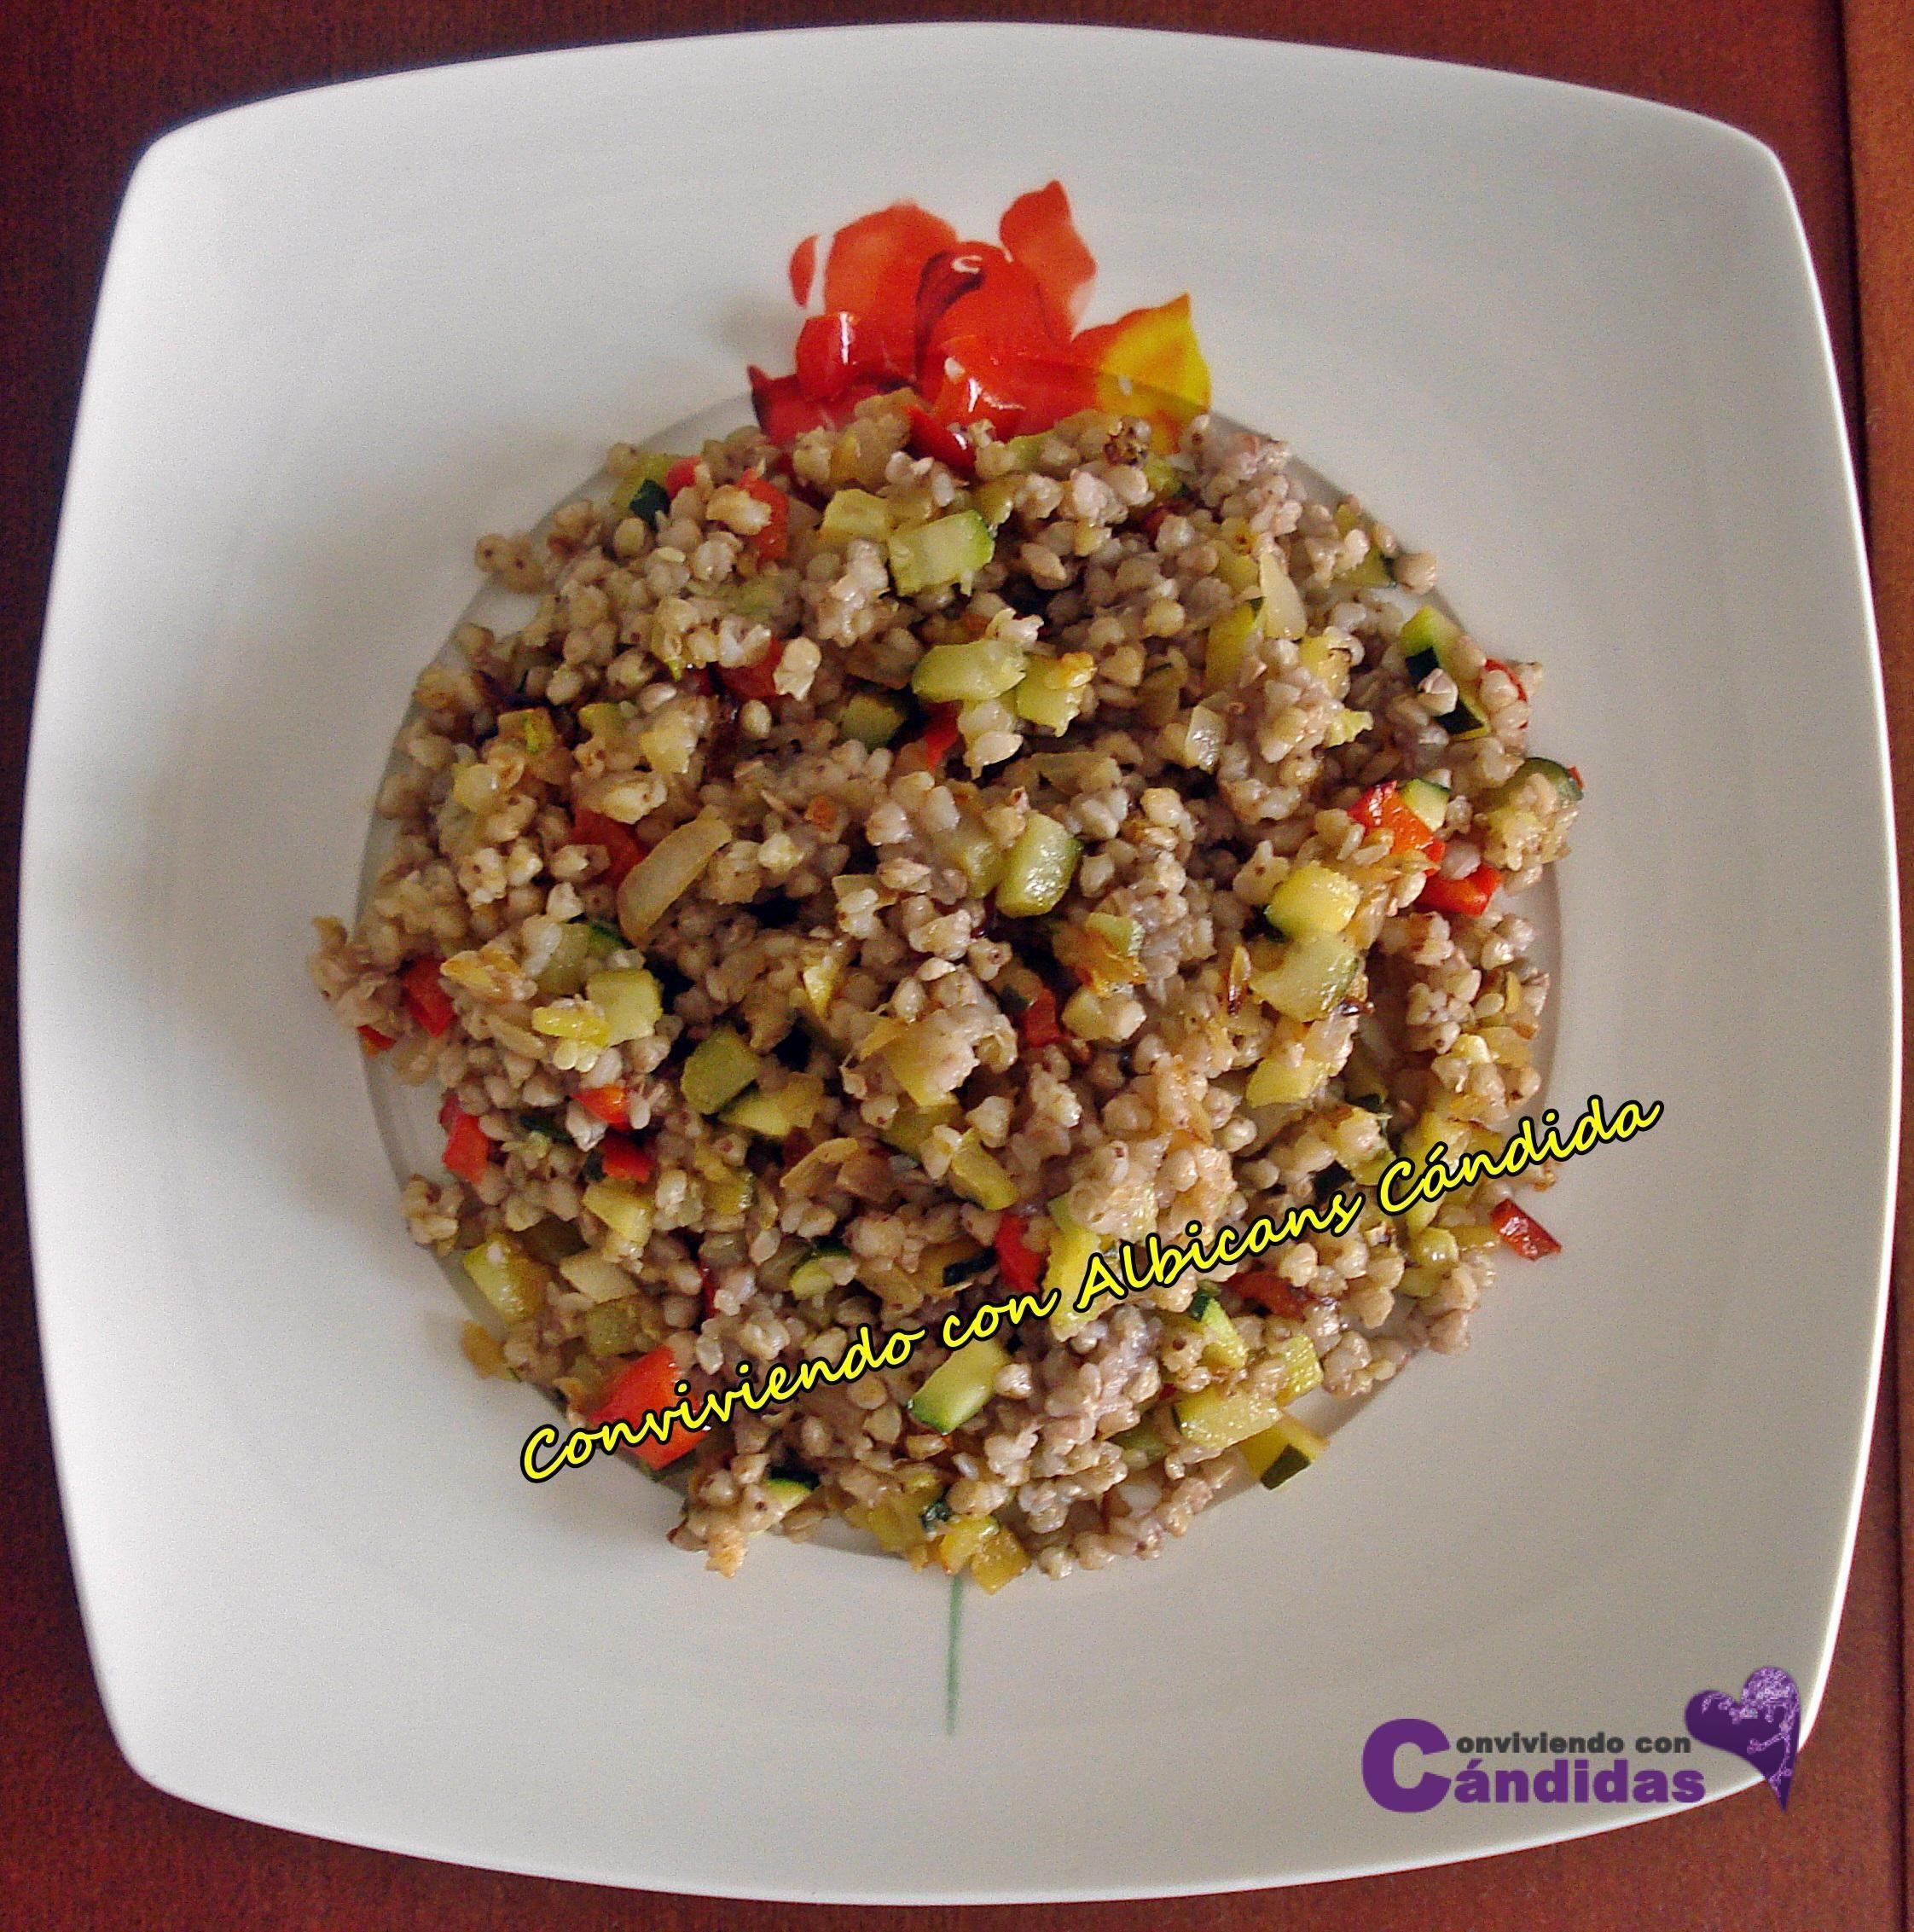 Trigo Sarraceno Recetas Cocina | Receta Con Trigo Sarraceno Espana Tapas Cocina Espanola Y